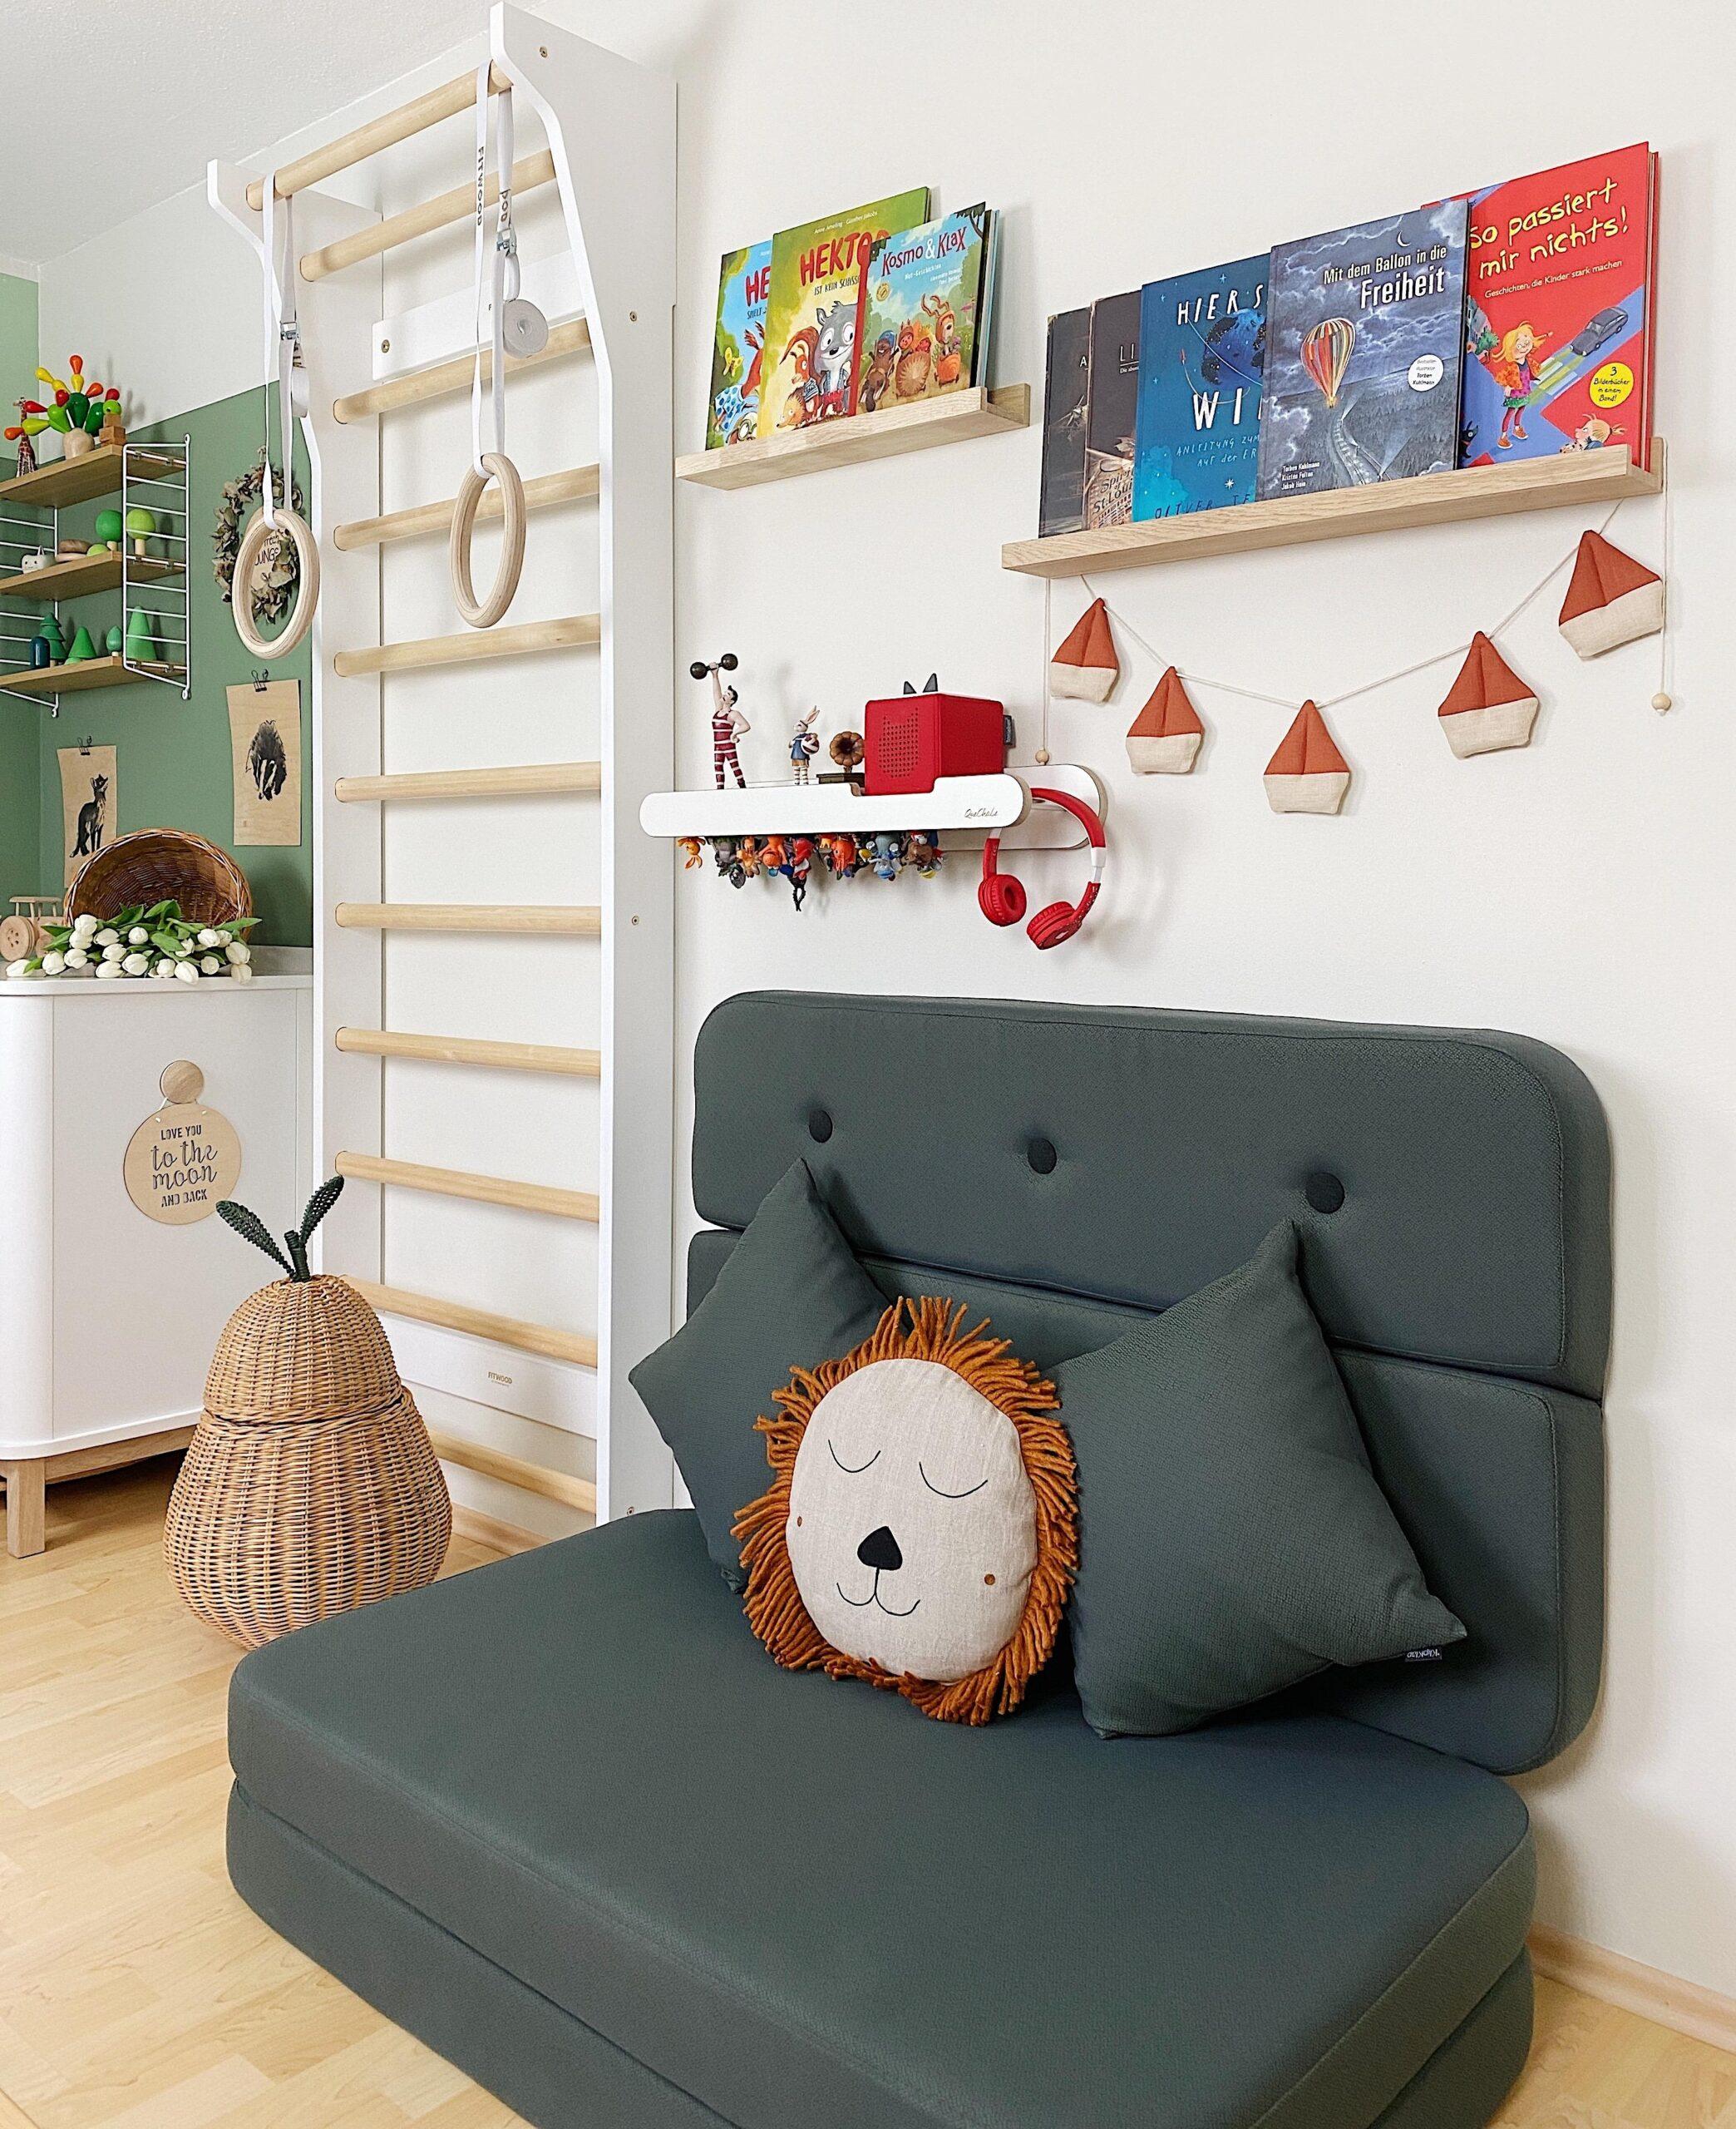 Full Size of Sprossenwand Kinderzimmer Bilder Ideen Couch Regale Sofa Regal Weiß Kinderzimmer Sprossenwand Kinderzimmer